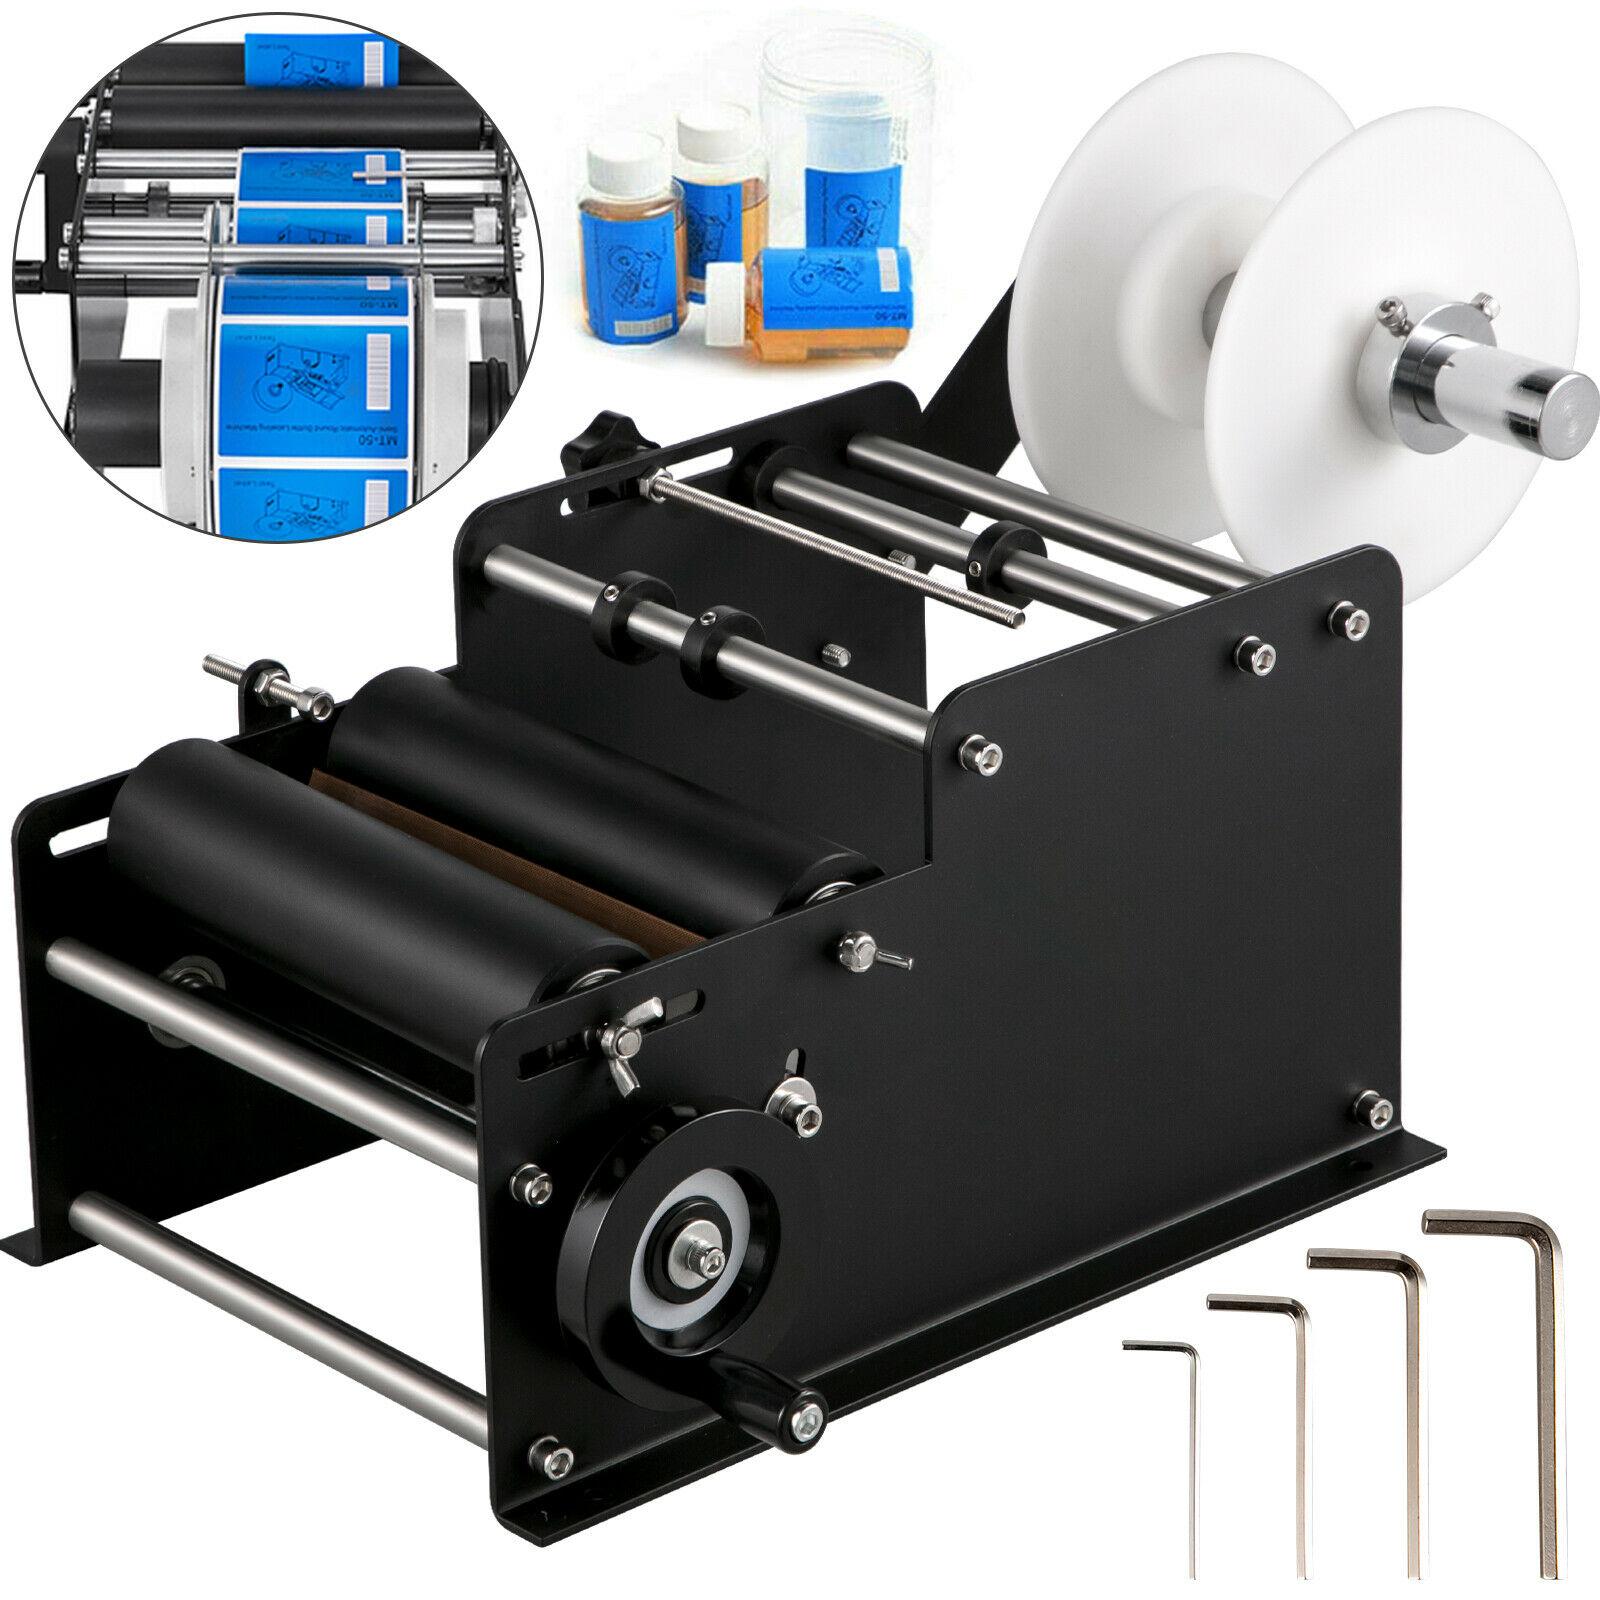 ماكينة وضع وسم الزجاجات شبه الأوتوماتيكية VEVOR MT - 30 ماكينة طبع لاصقة كهربائية مزودة بقضيب مستدير للزجاج المعدني البلاستيكي